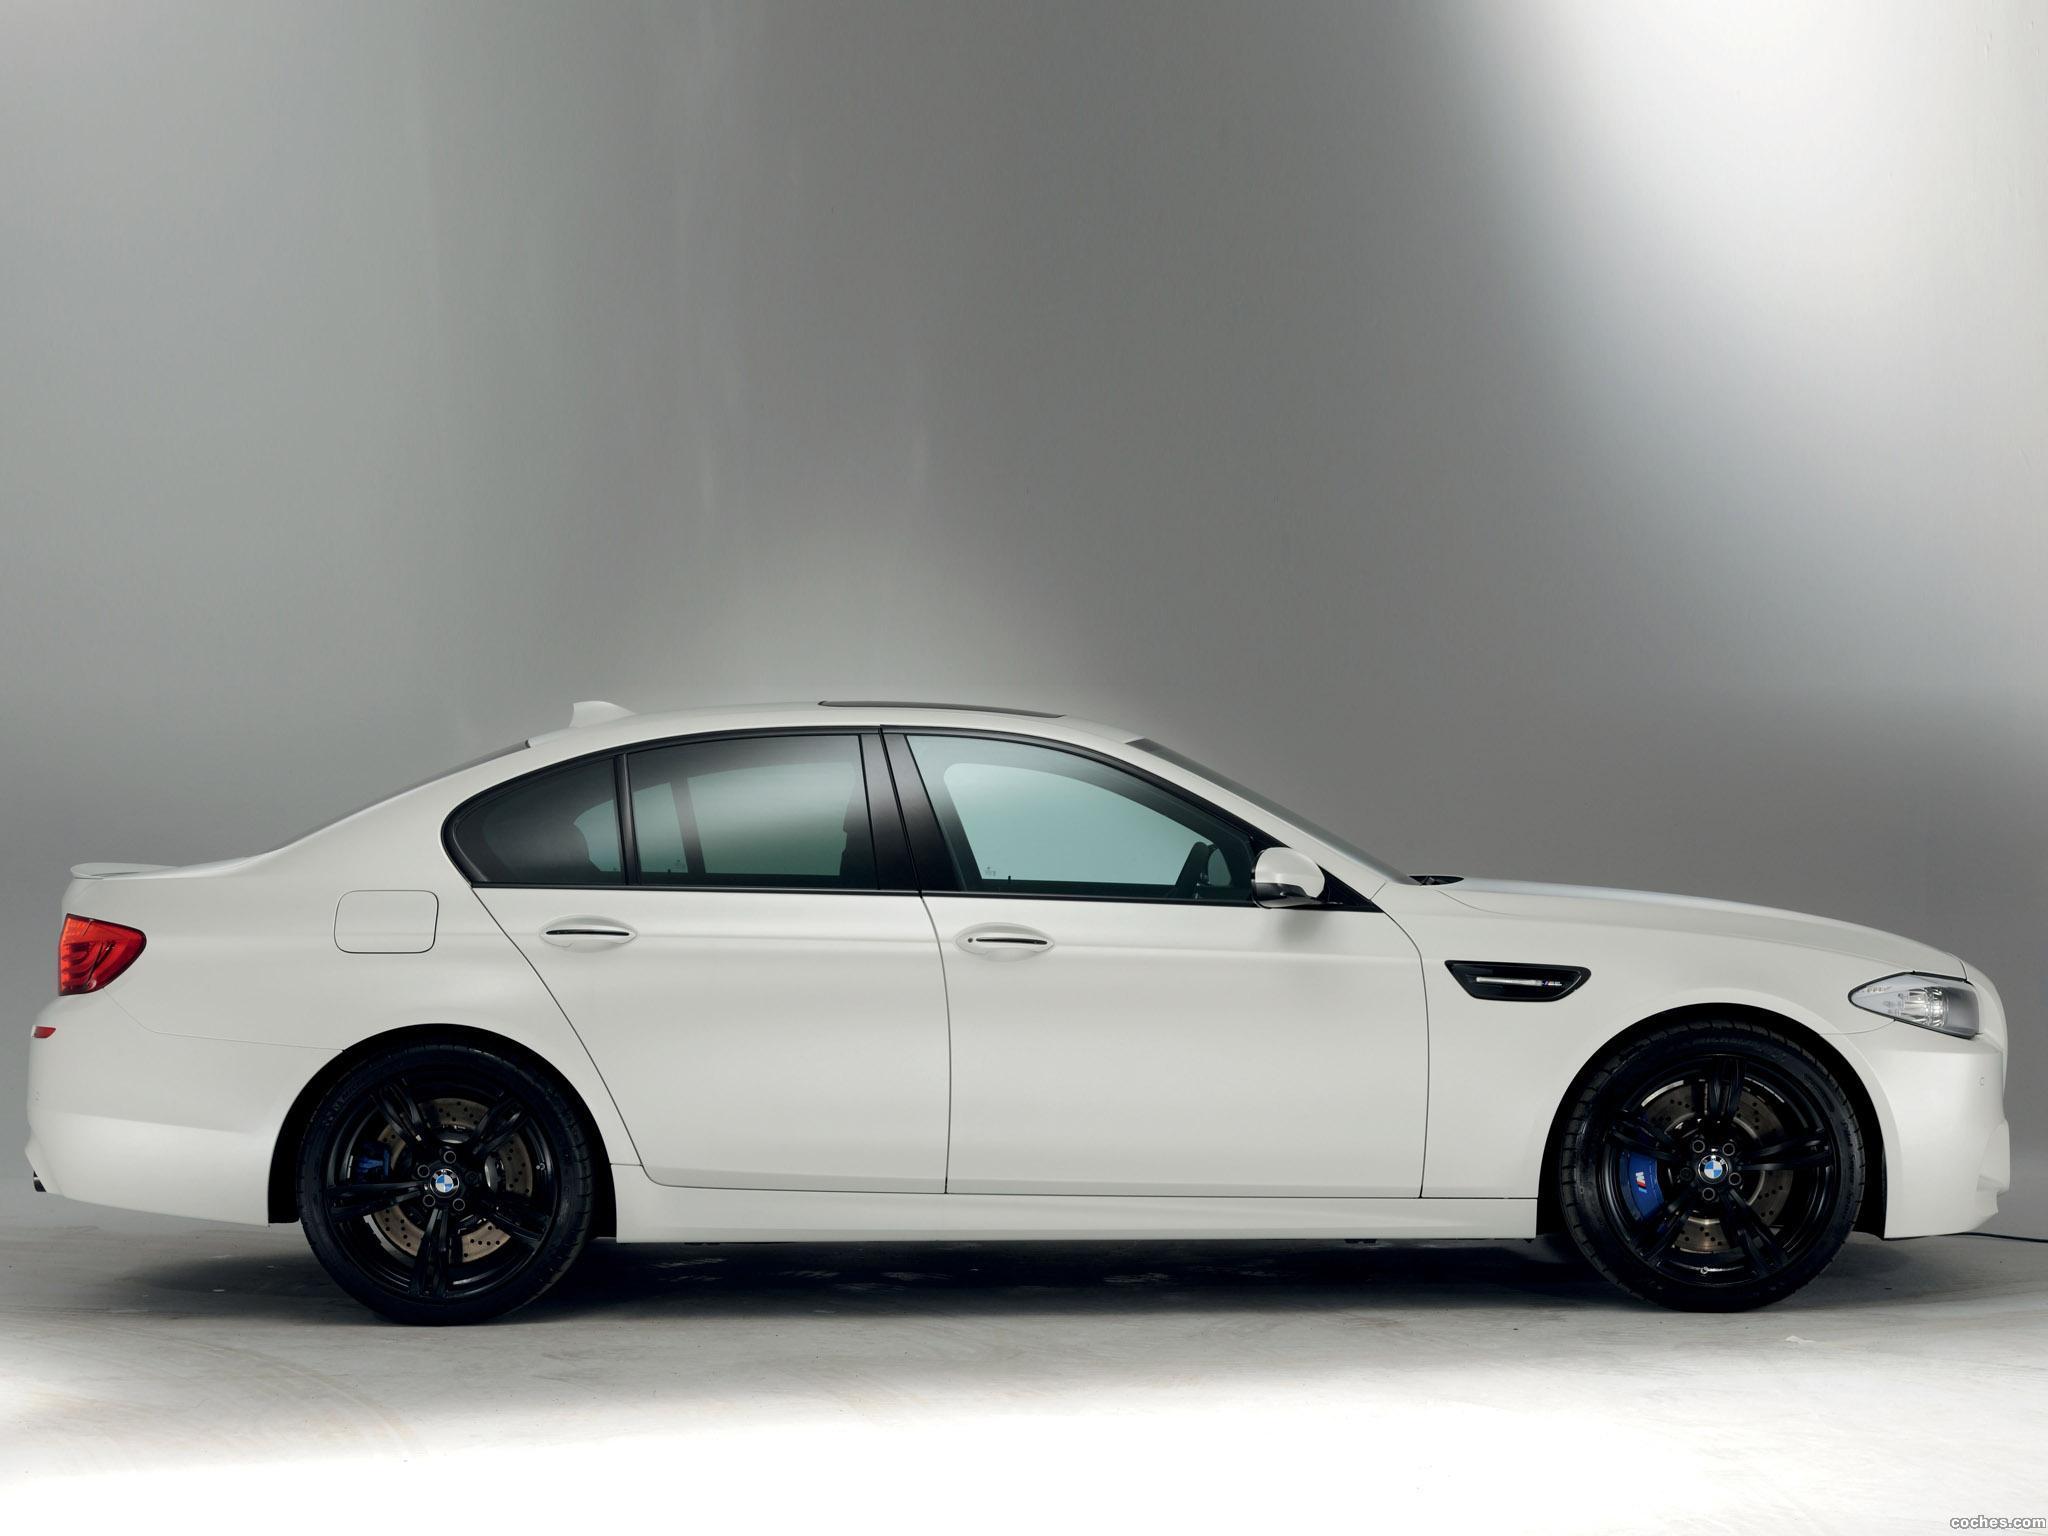 Foto 8 de BMW M5 M Performance Edition UK 2012